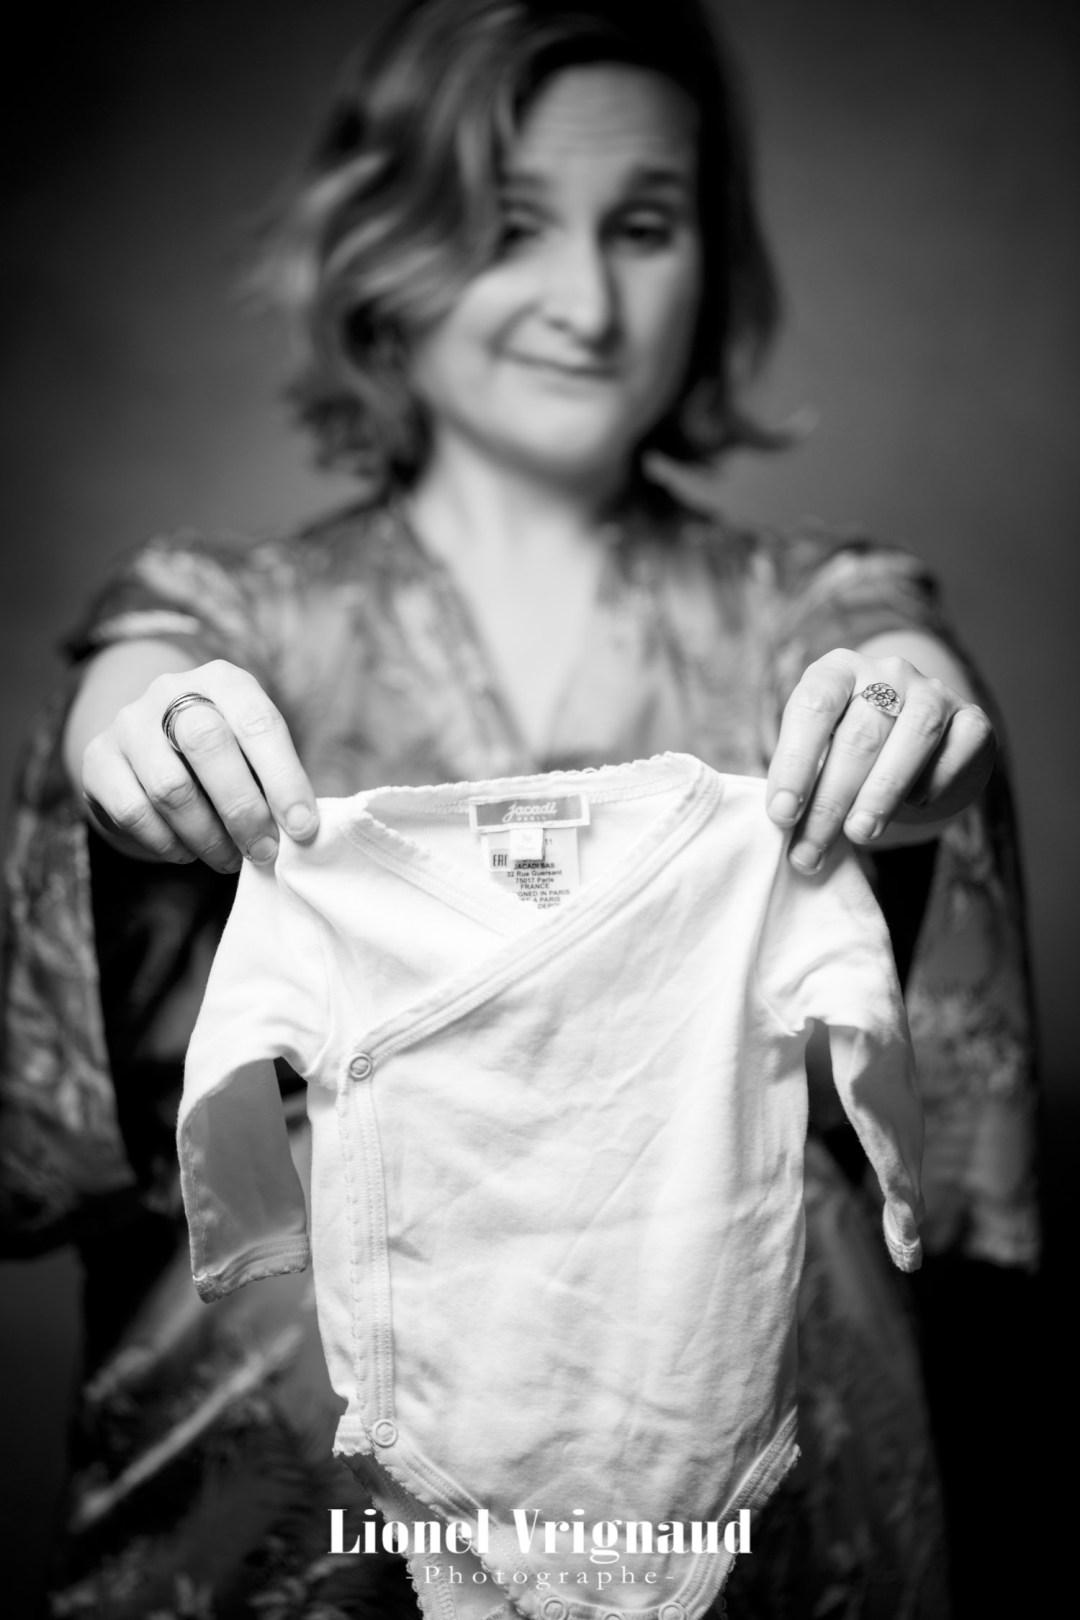 Une femme enceinte tient le vêtement de son futur bébé